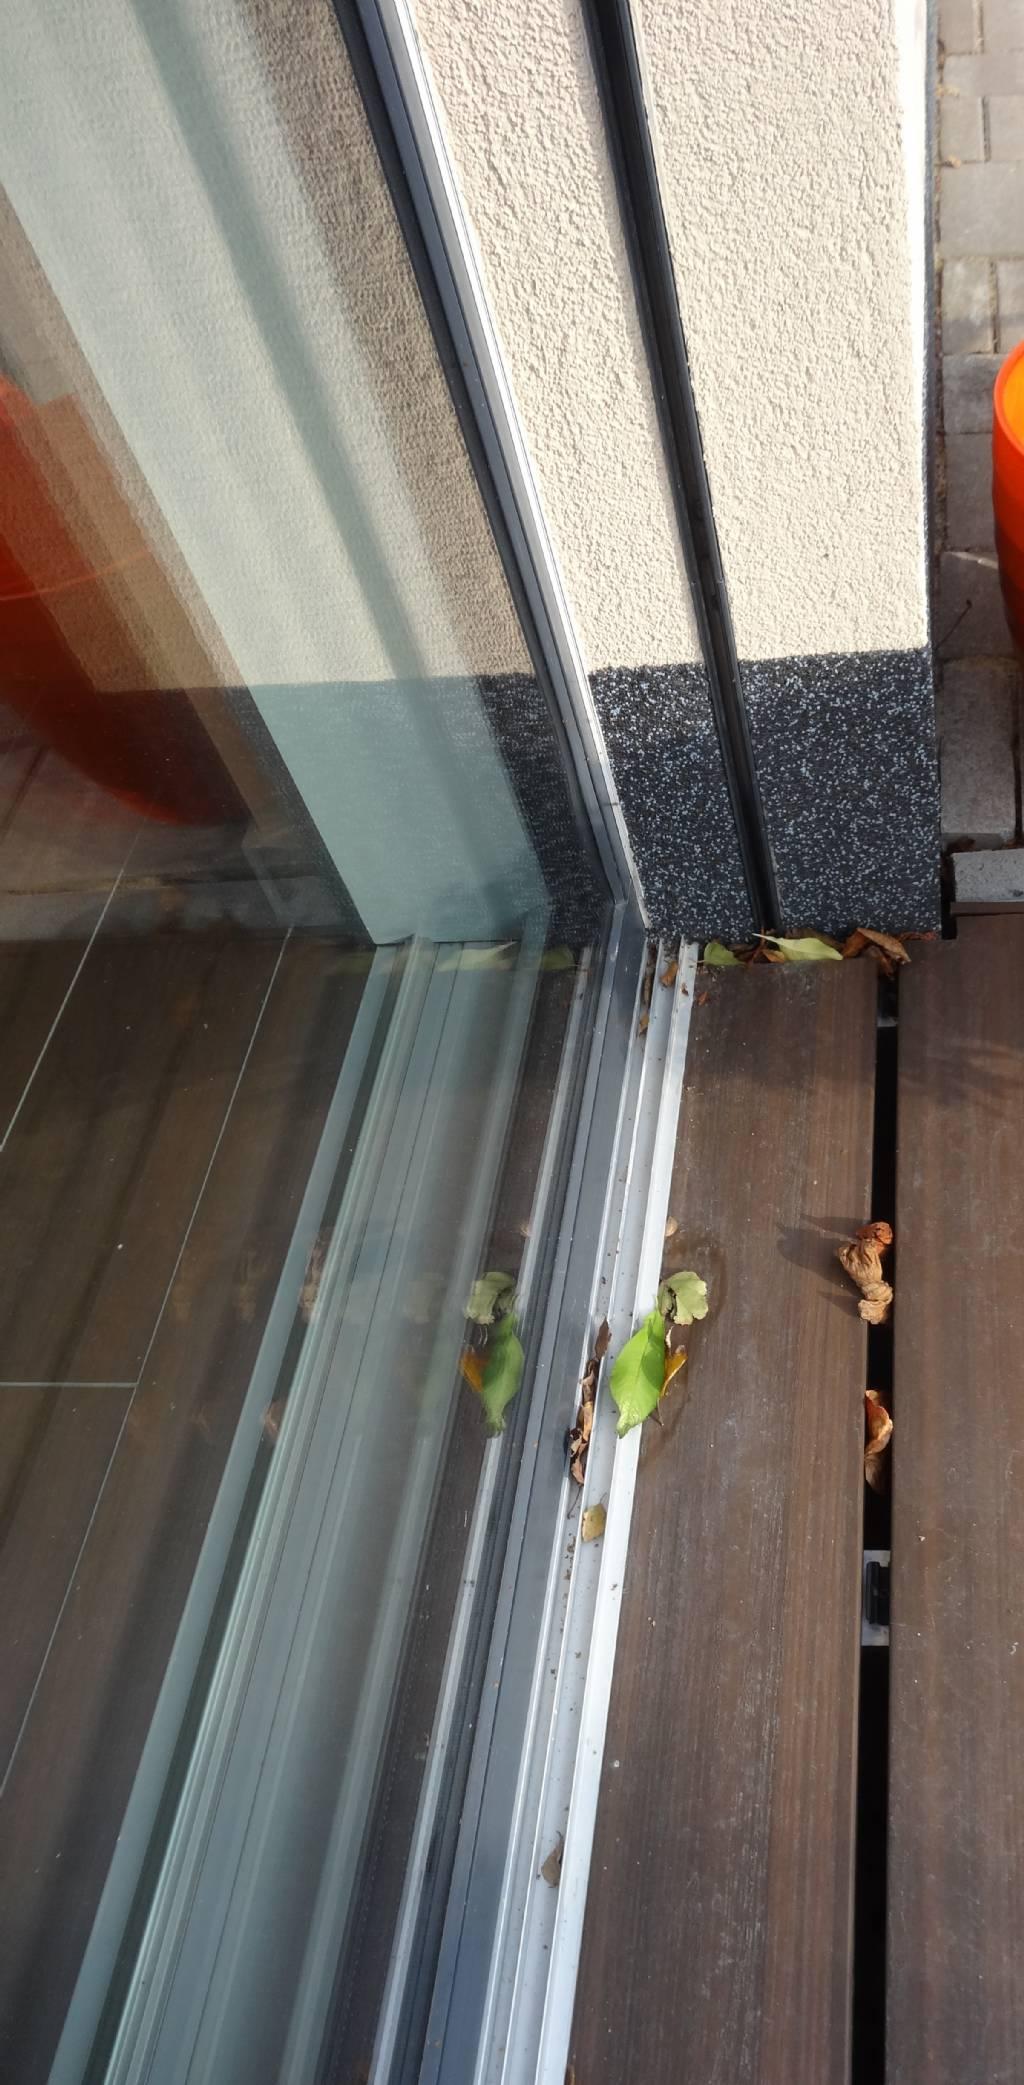 balkon abdichtung bitumenbahn balkonabdichtung selbstklebend ohne grundierung f r 5m. Black Bedroom Furniture Sets. Home Design Ideas